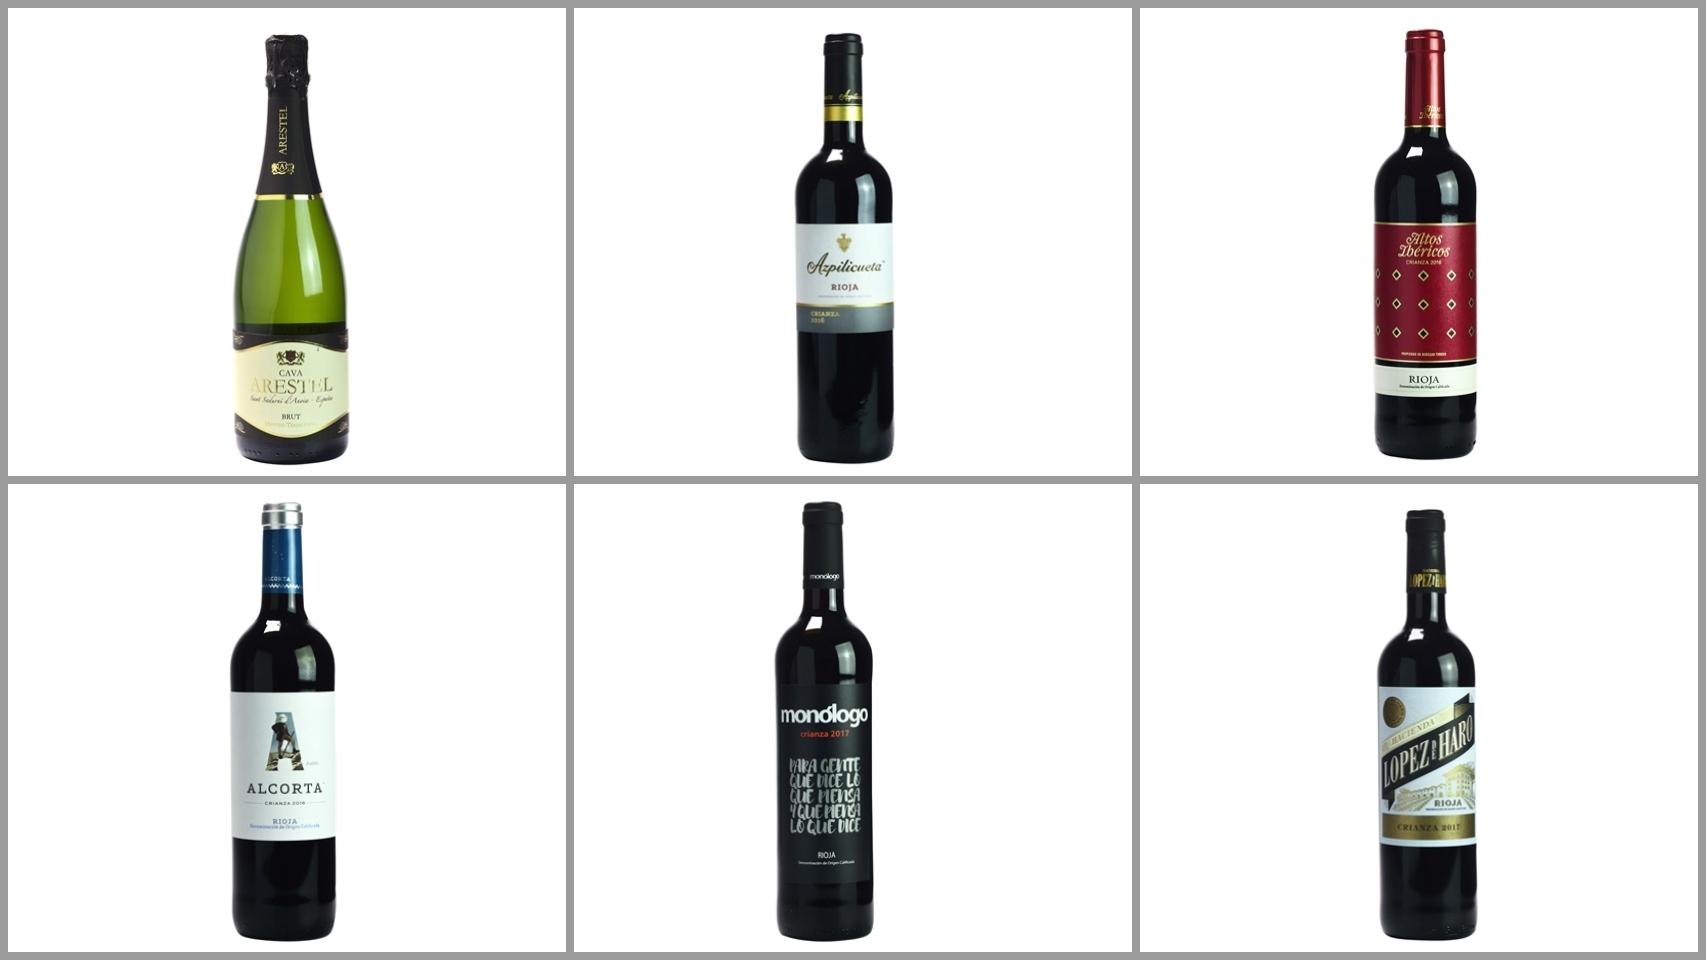 Los peores vinos según la OCU